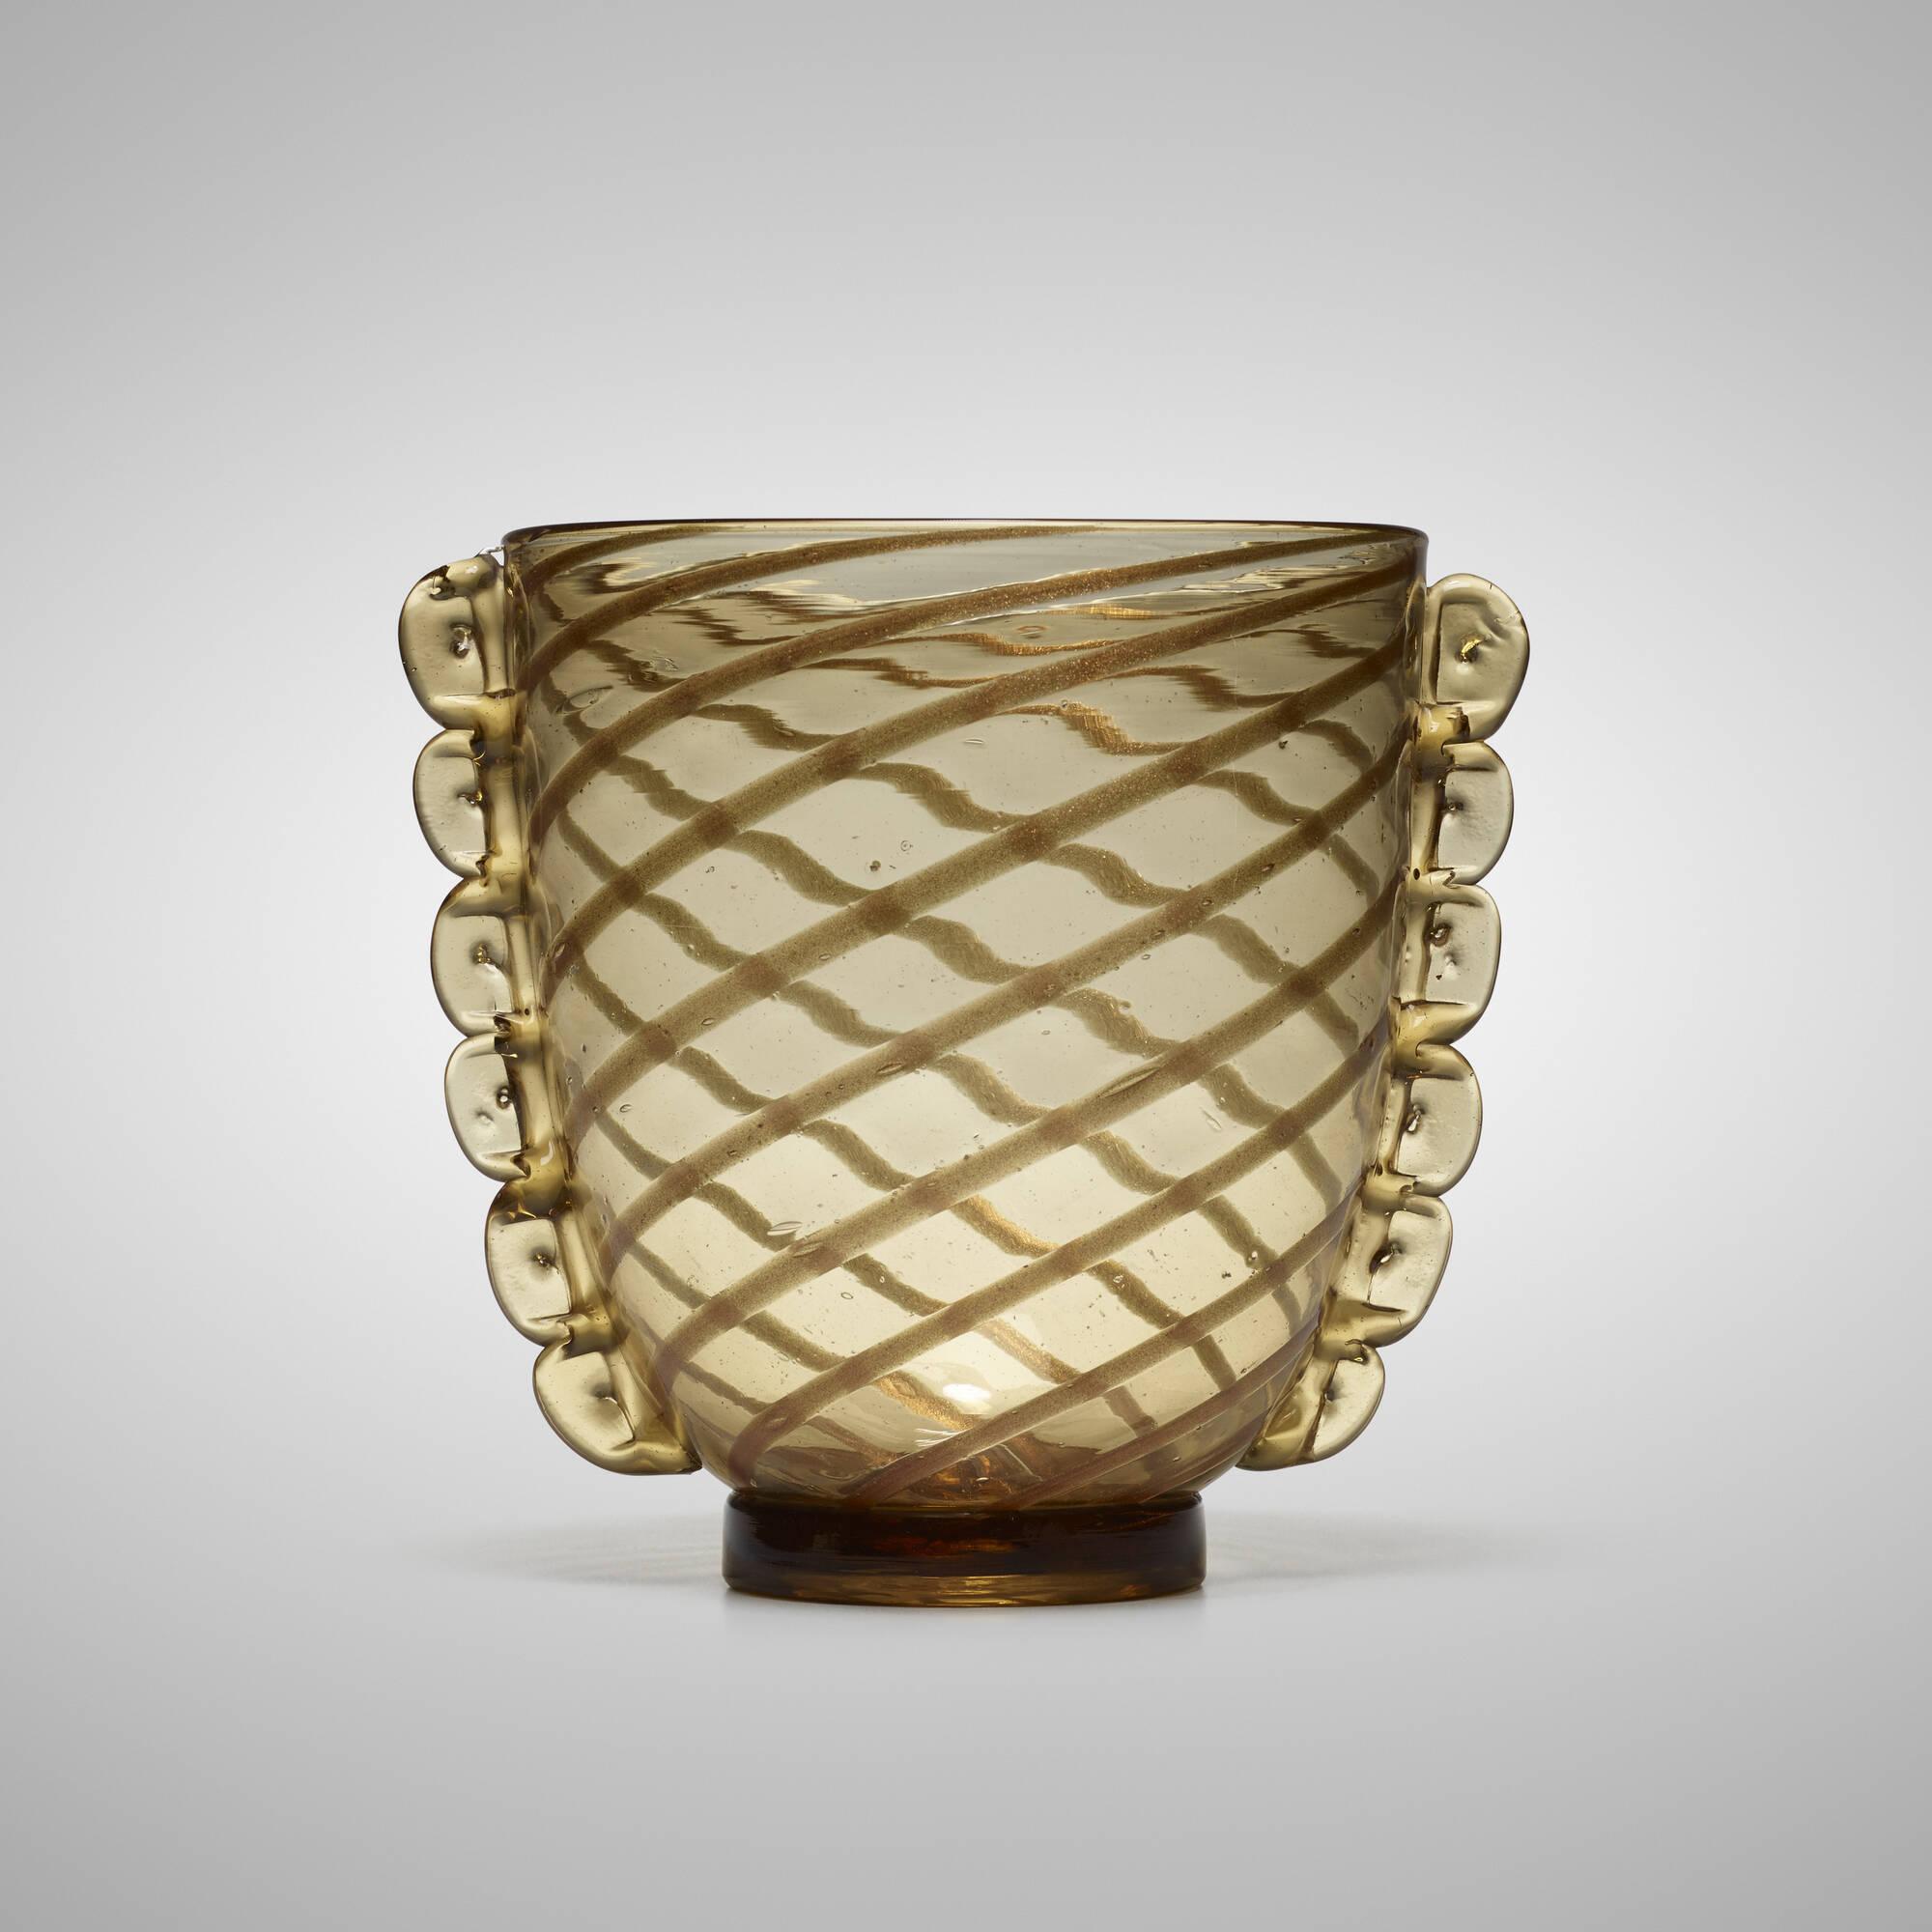 101: Ercole Barovier / Spirale vase (1 of 2)